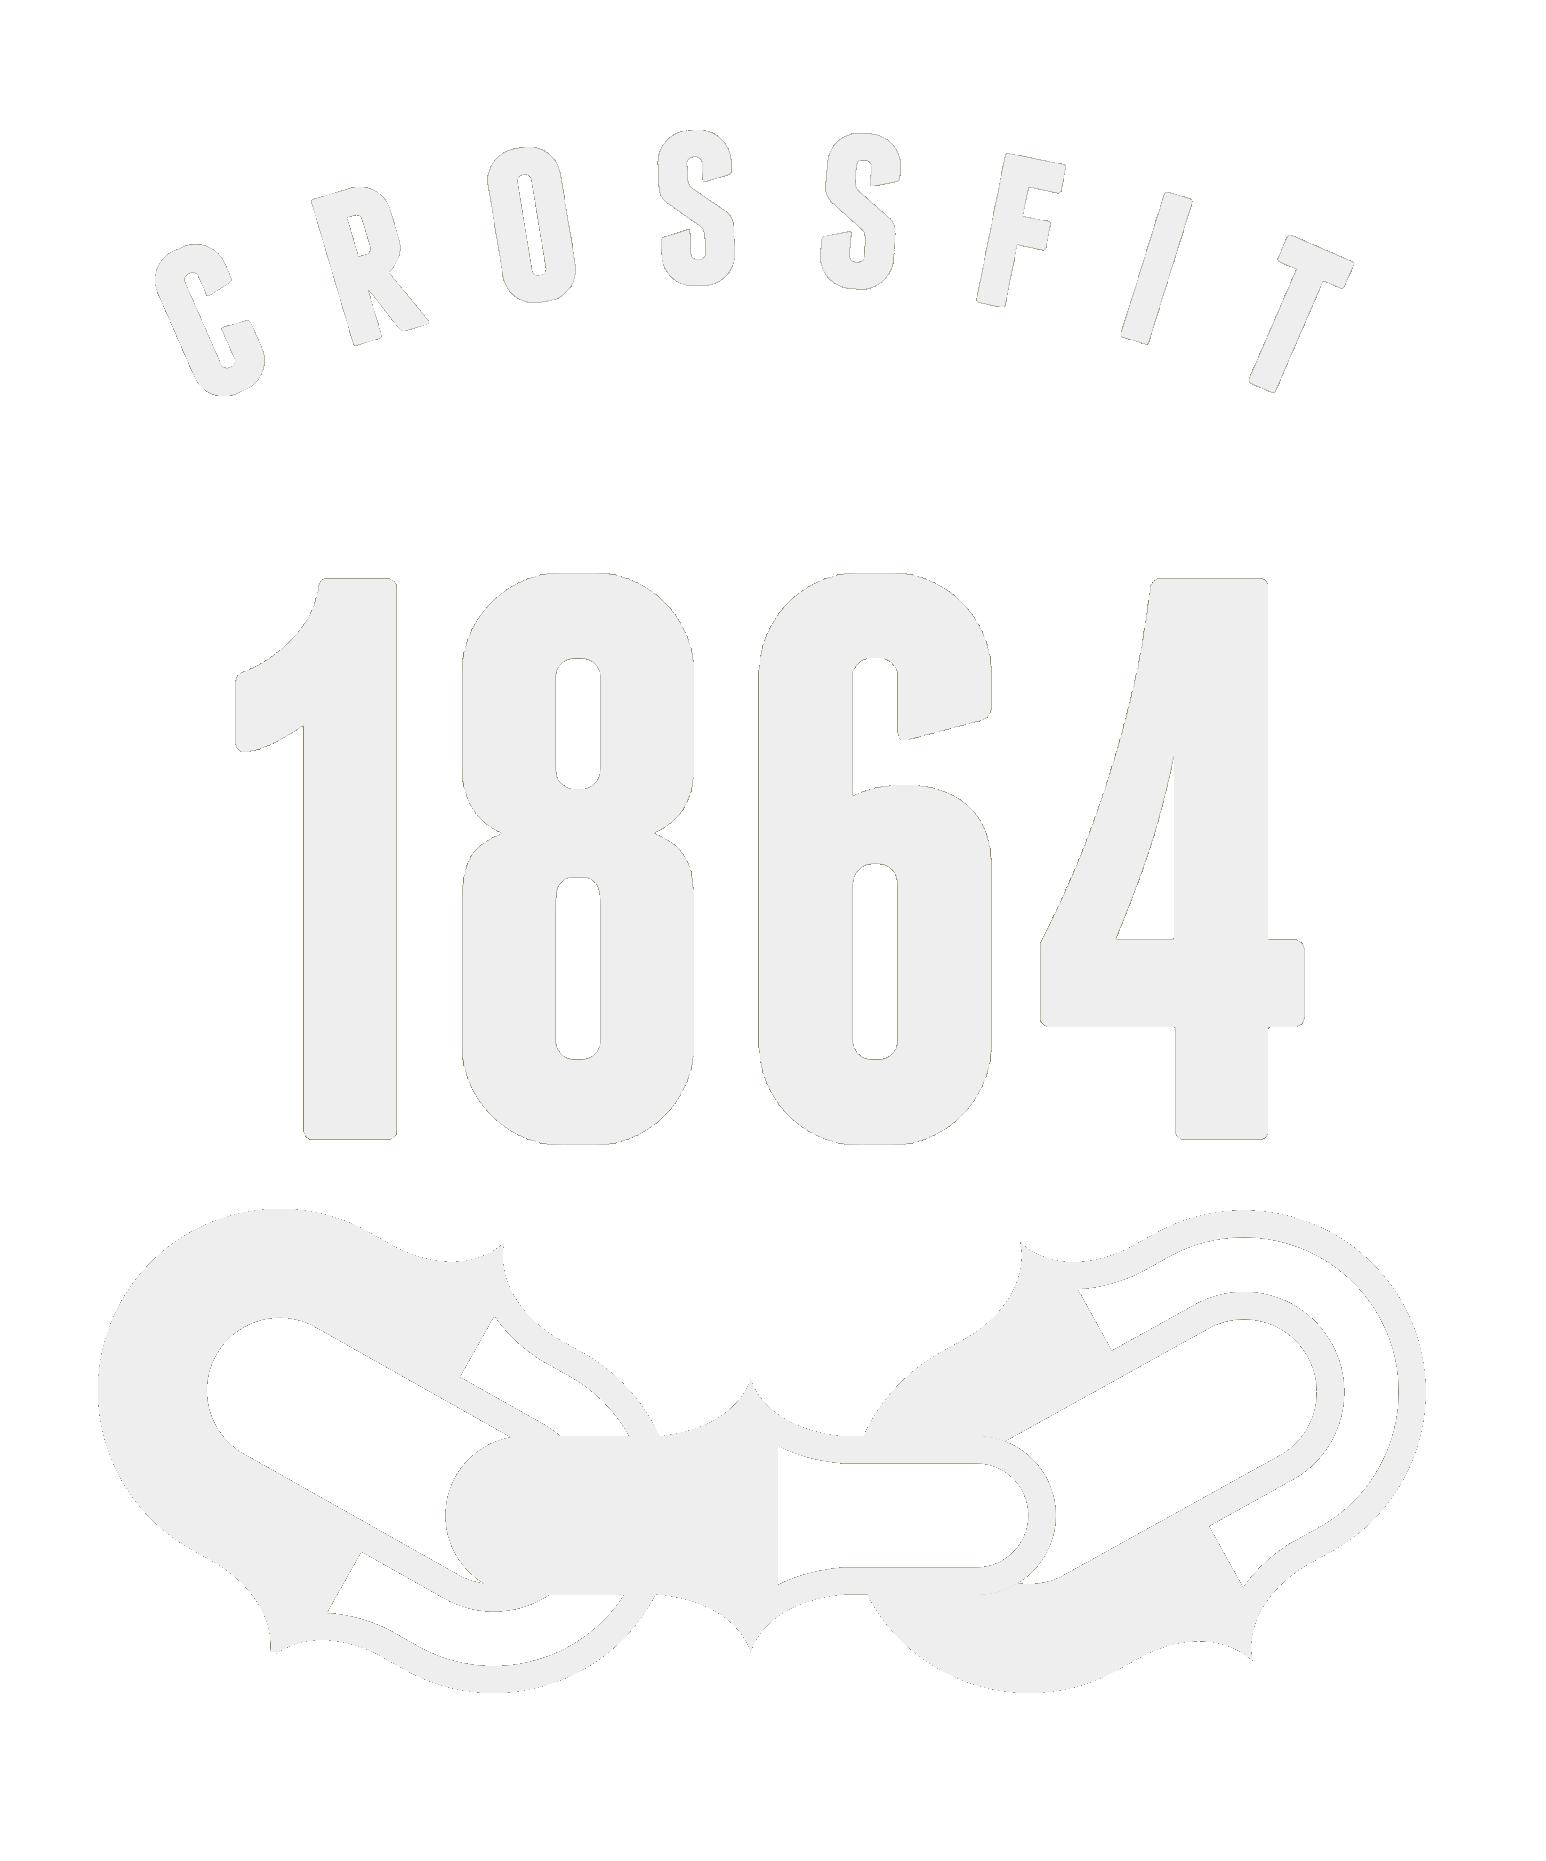 Chain logo copywhite